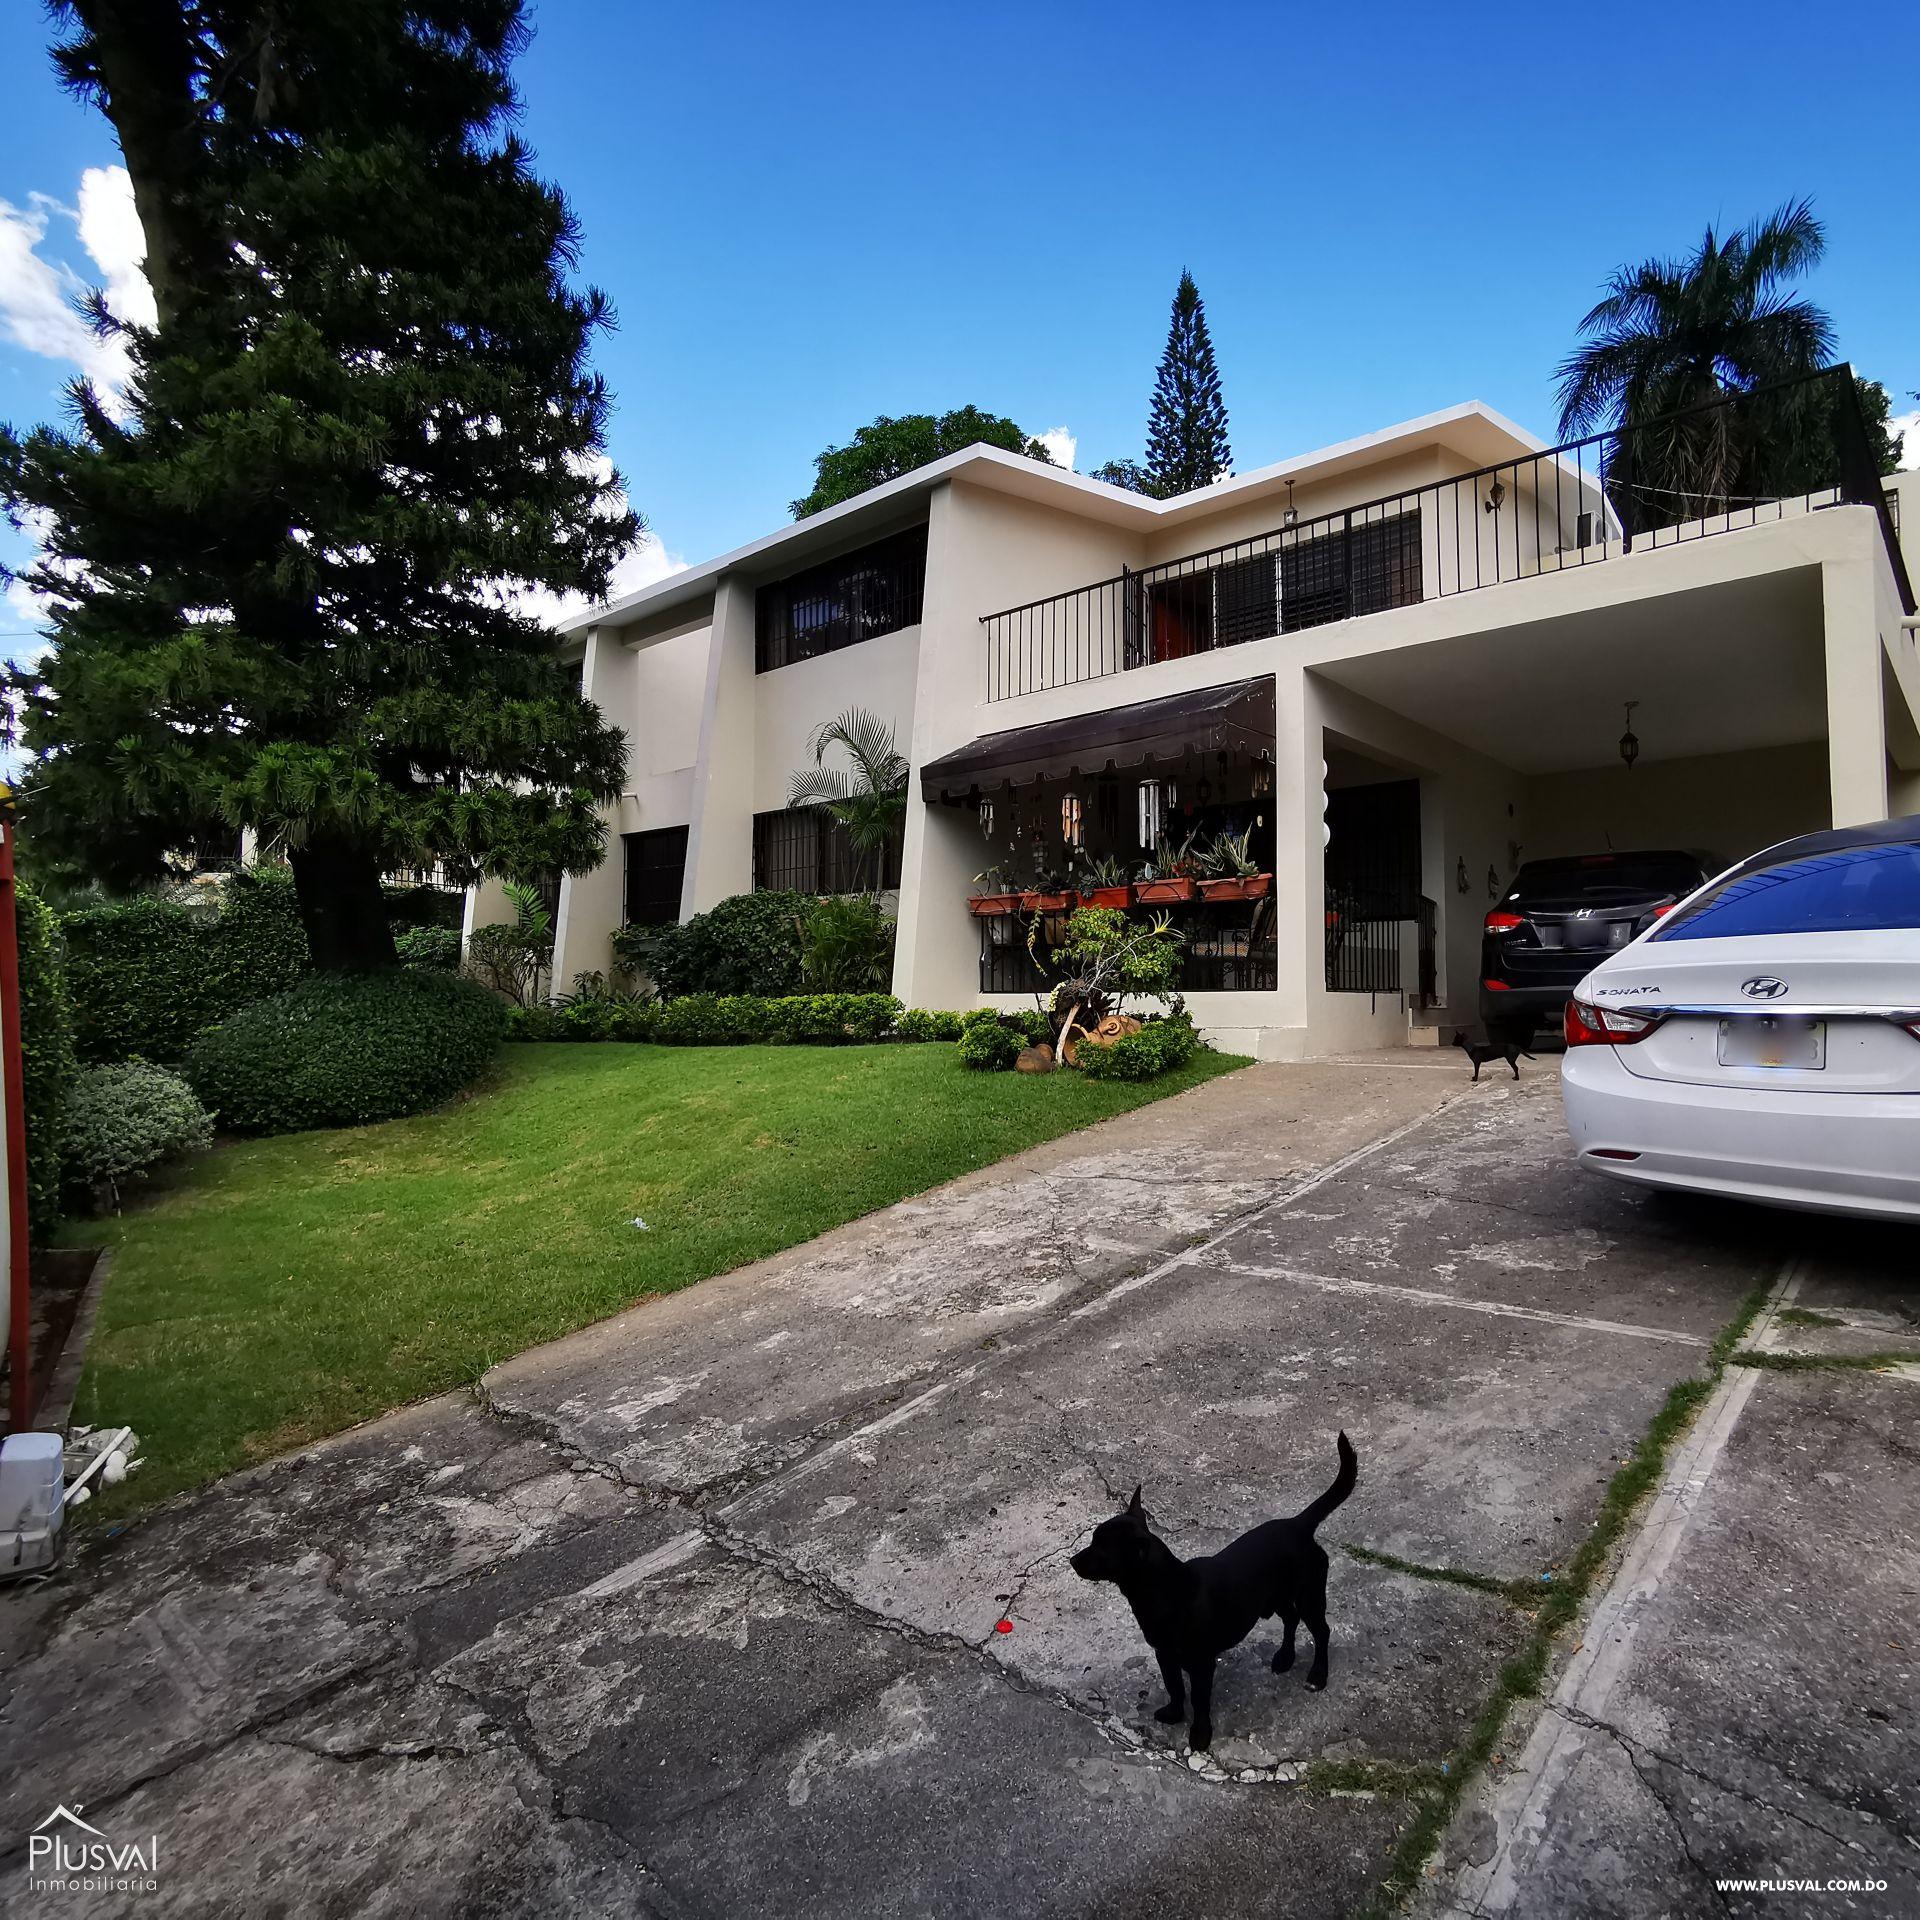 Casa con Patio y Jardín, 5 habitaciones y 6 Parqueos en Los Ríos